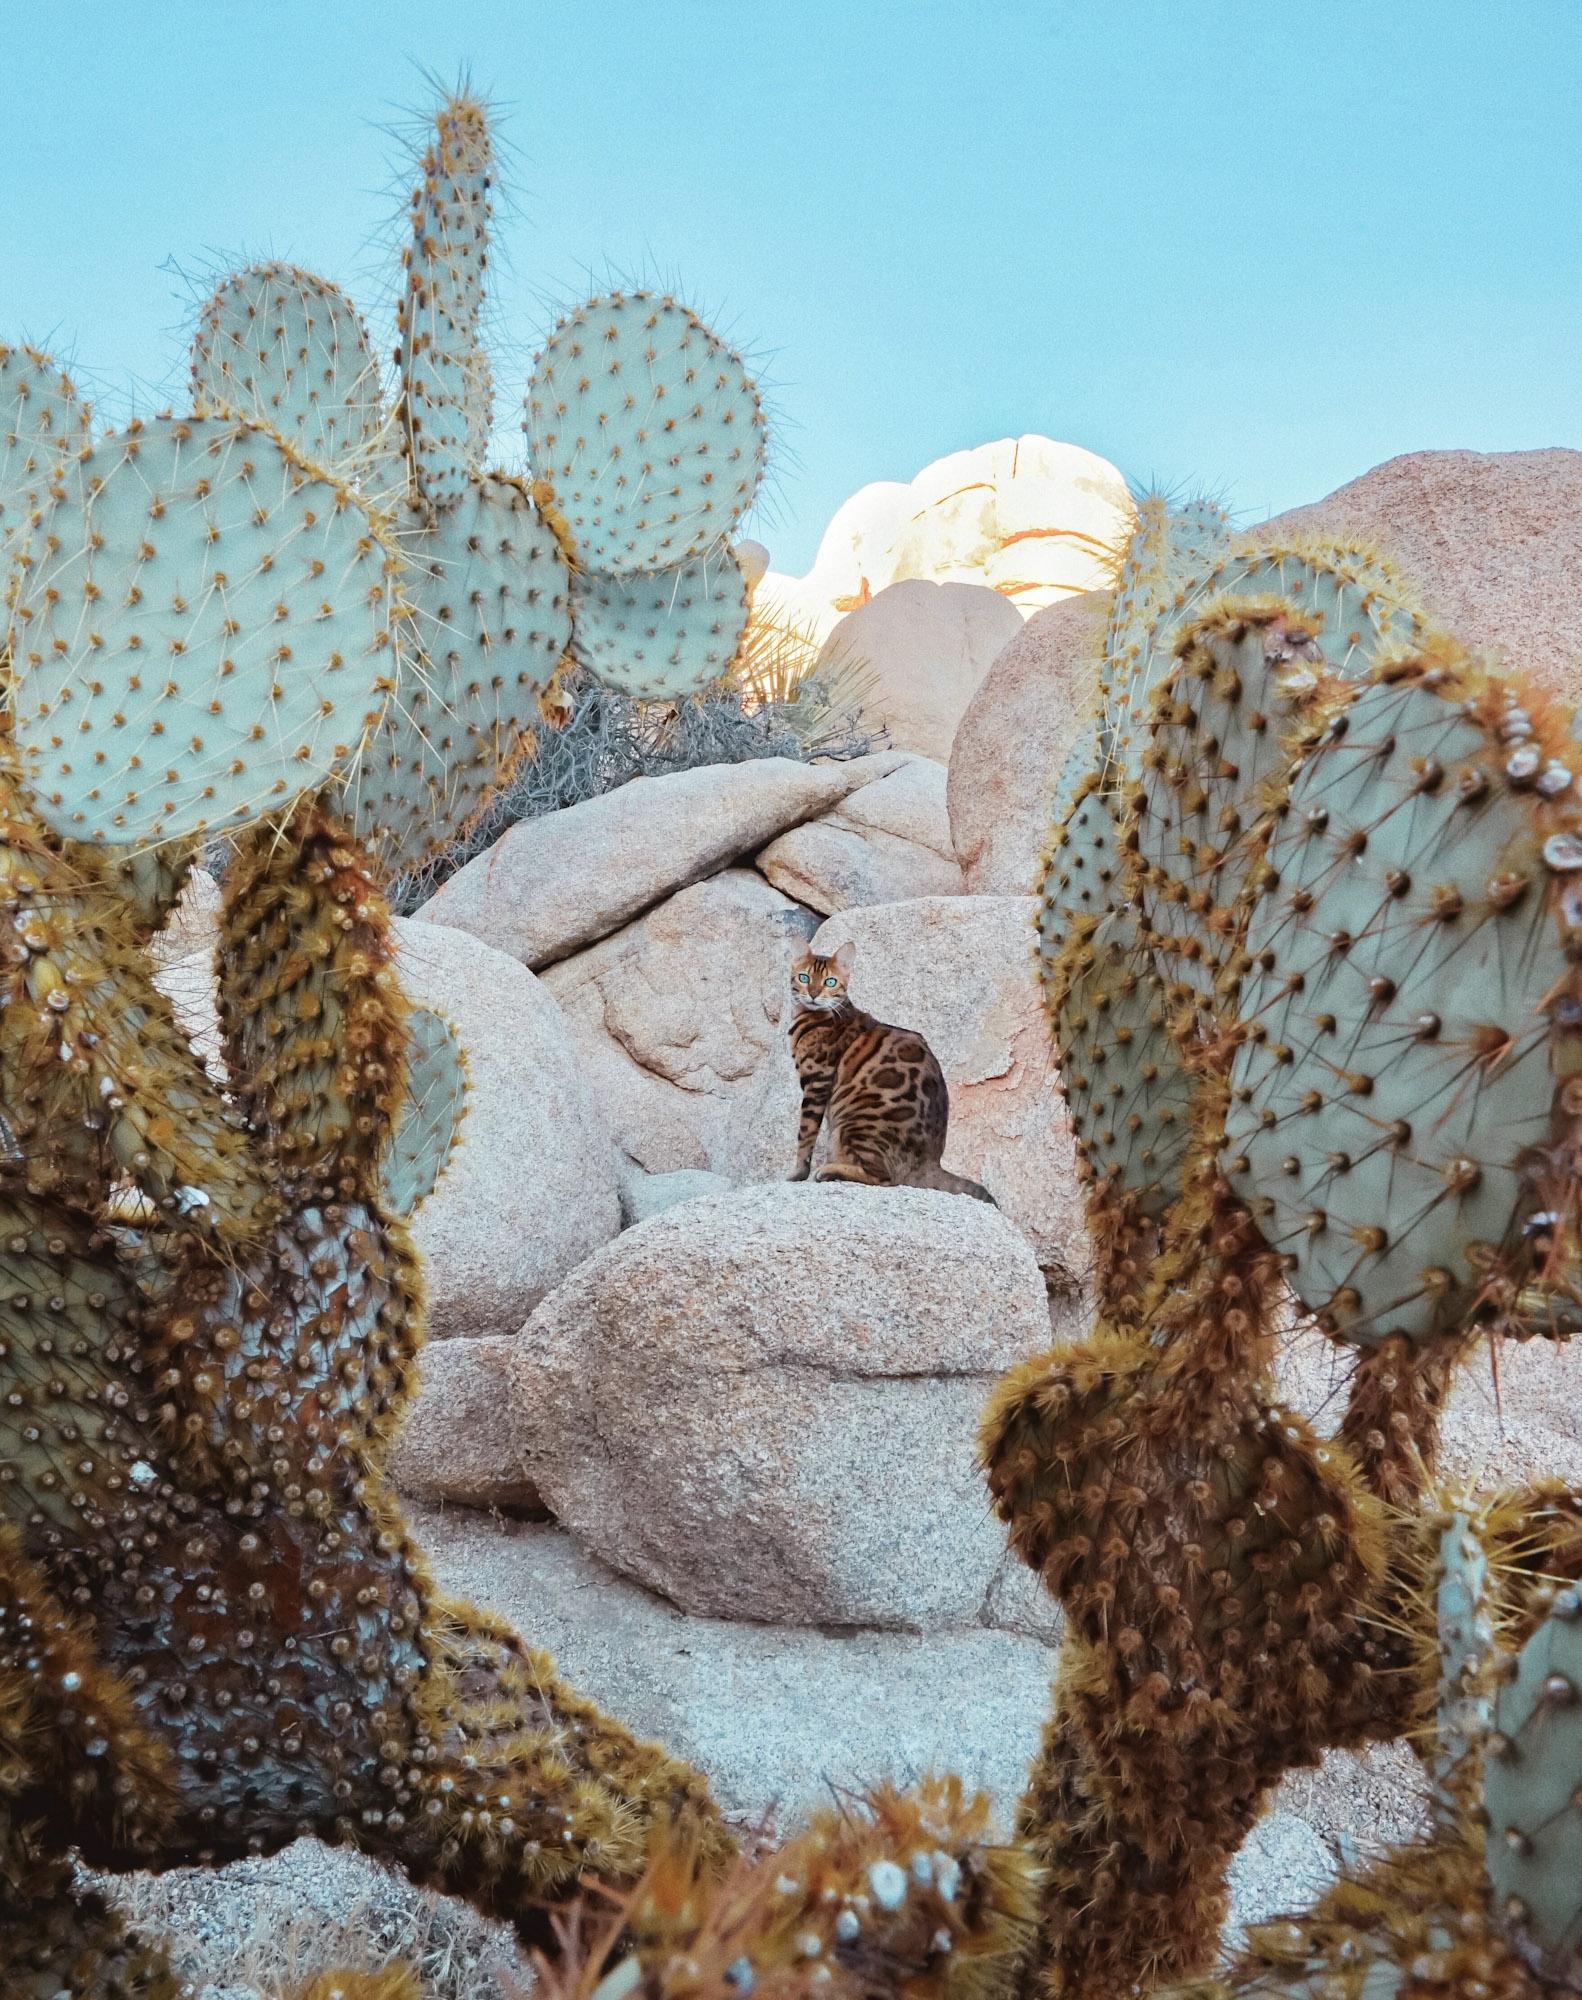 Suki adventure cat explores desert cacti